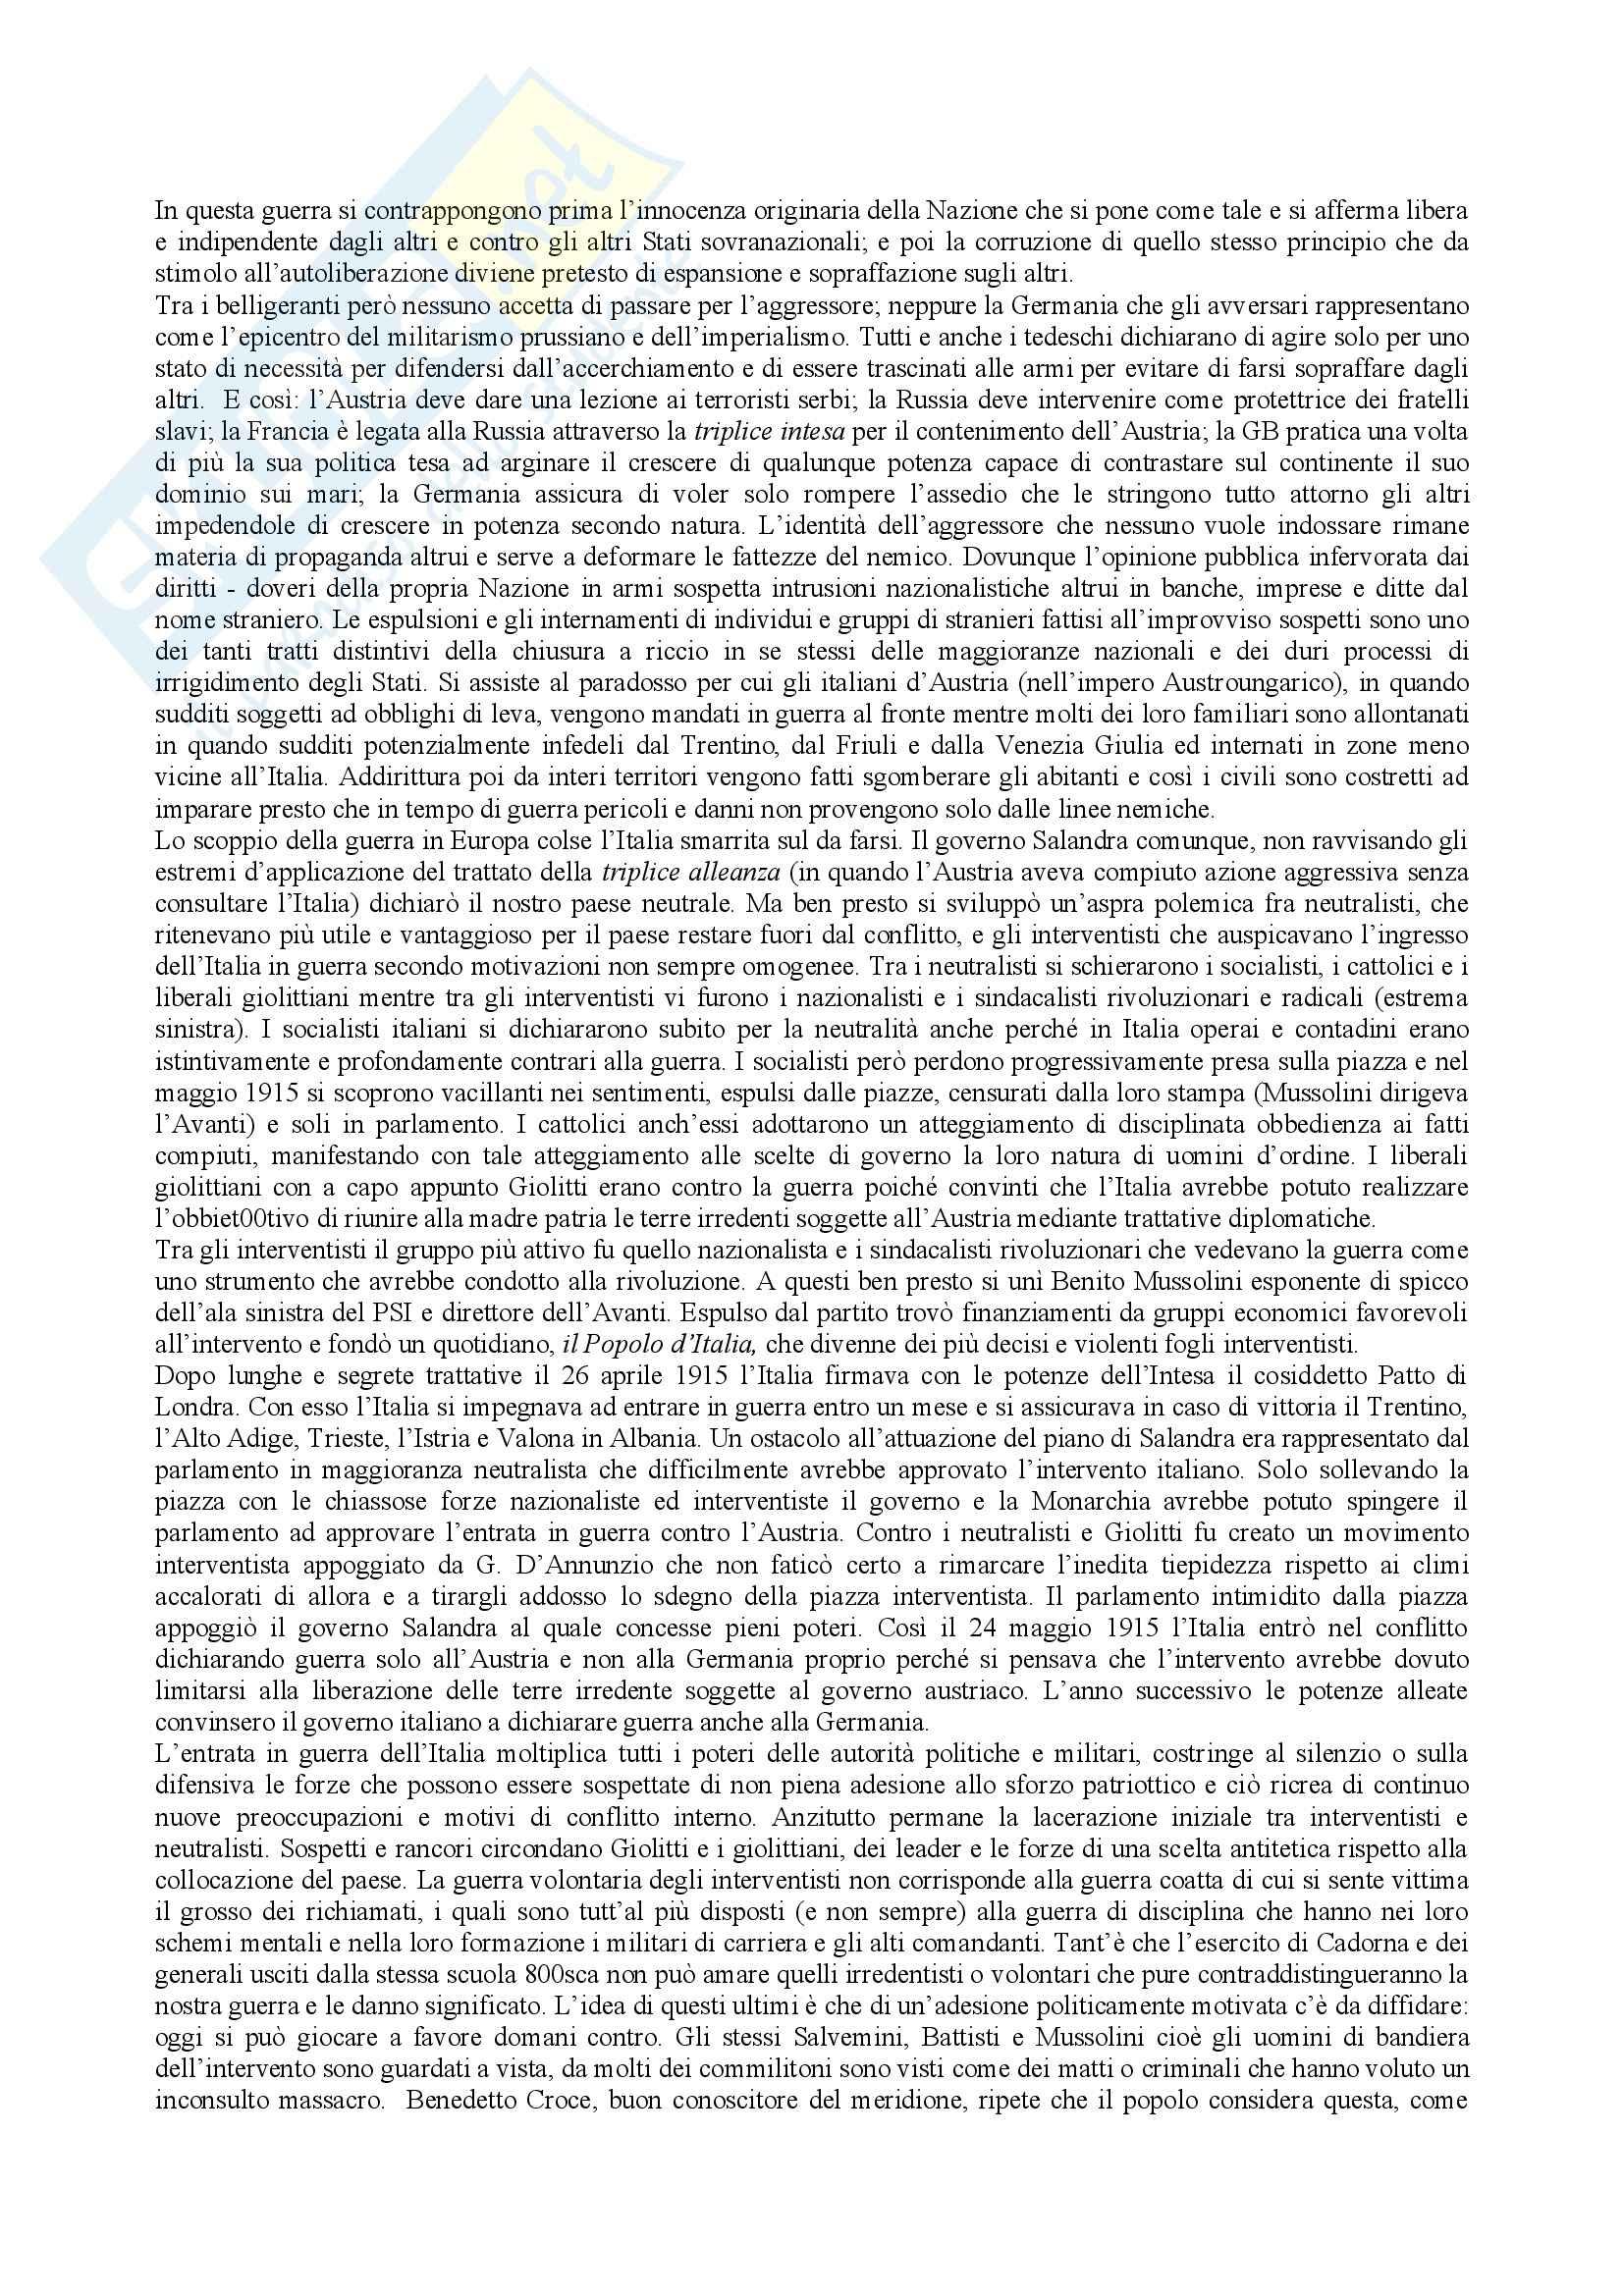 Storia Contemporanea, Donzelli - Riassunto Pag. 16